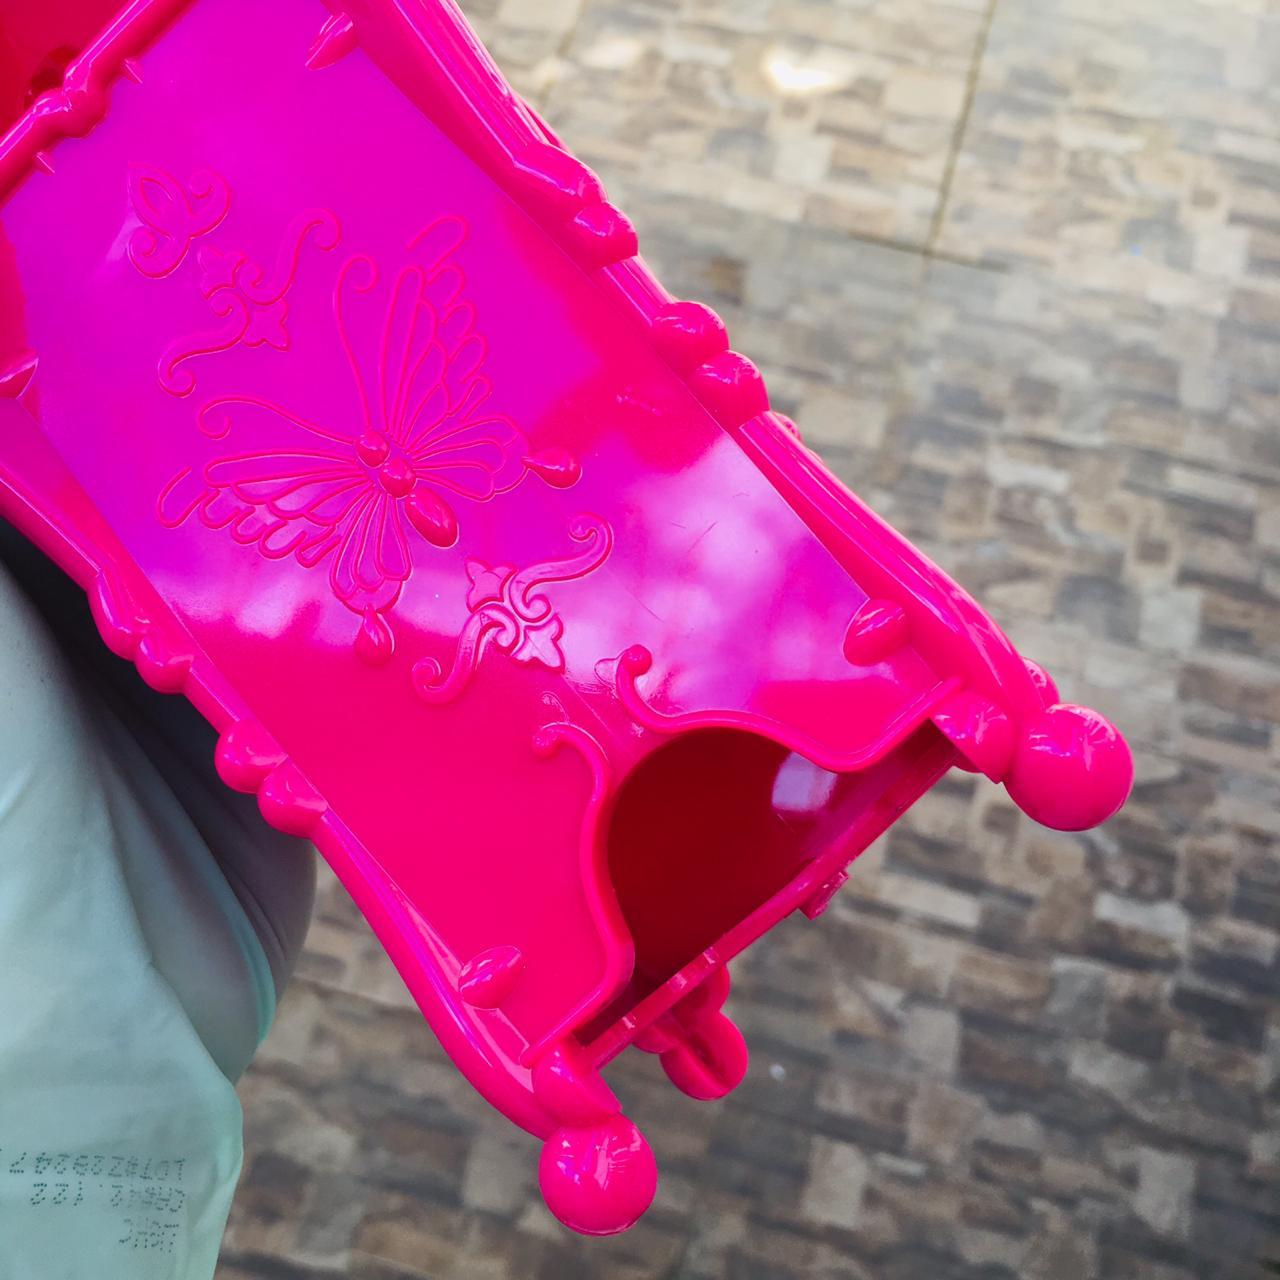 Novo porta lencos para goma de gel (cor avulsa)  - Sílvia Pedrarias & Cia